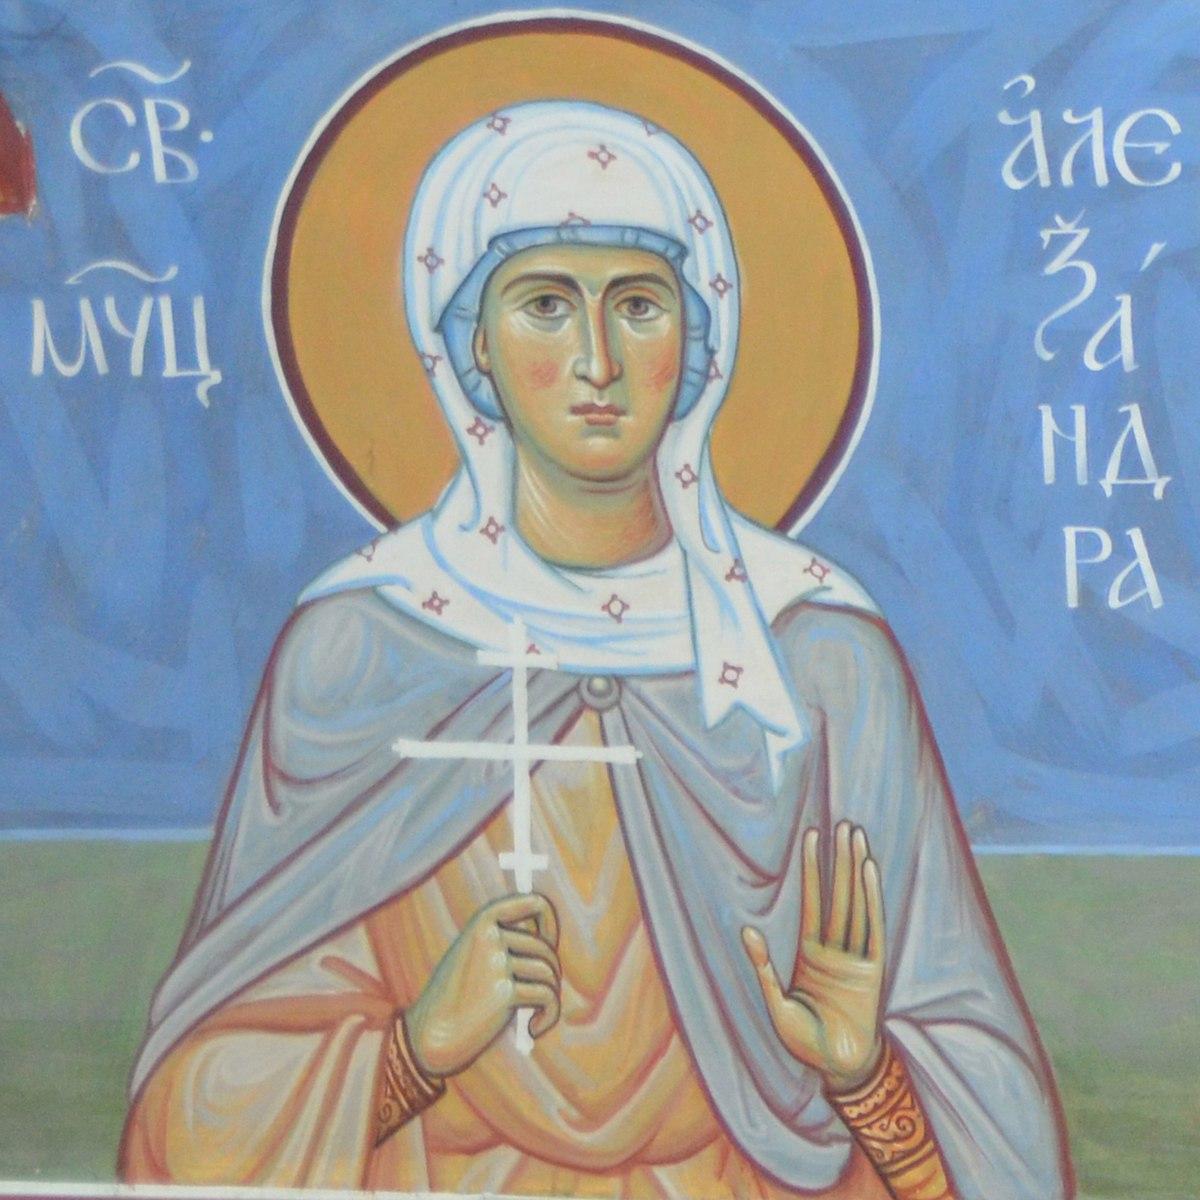 Преподобномученица Александра (Хворостянникова)